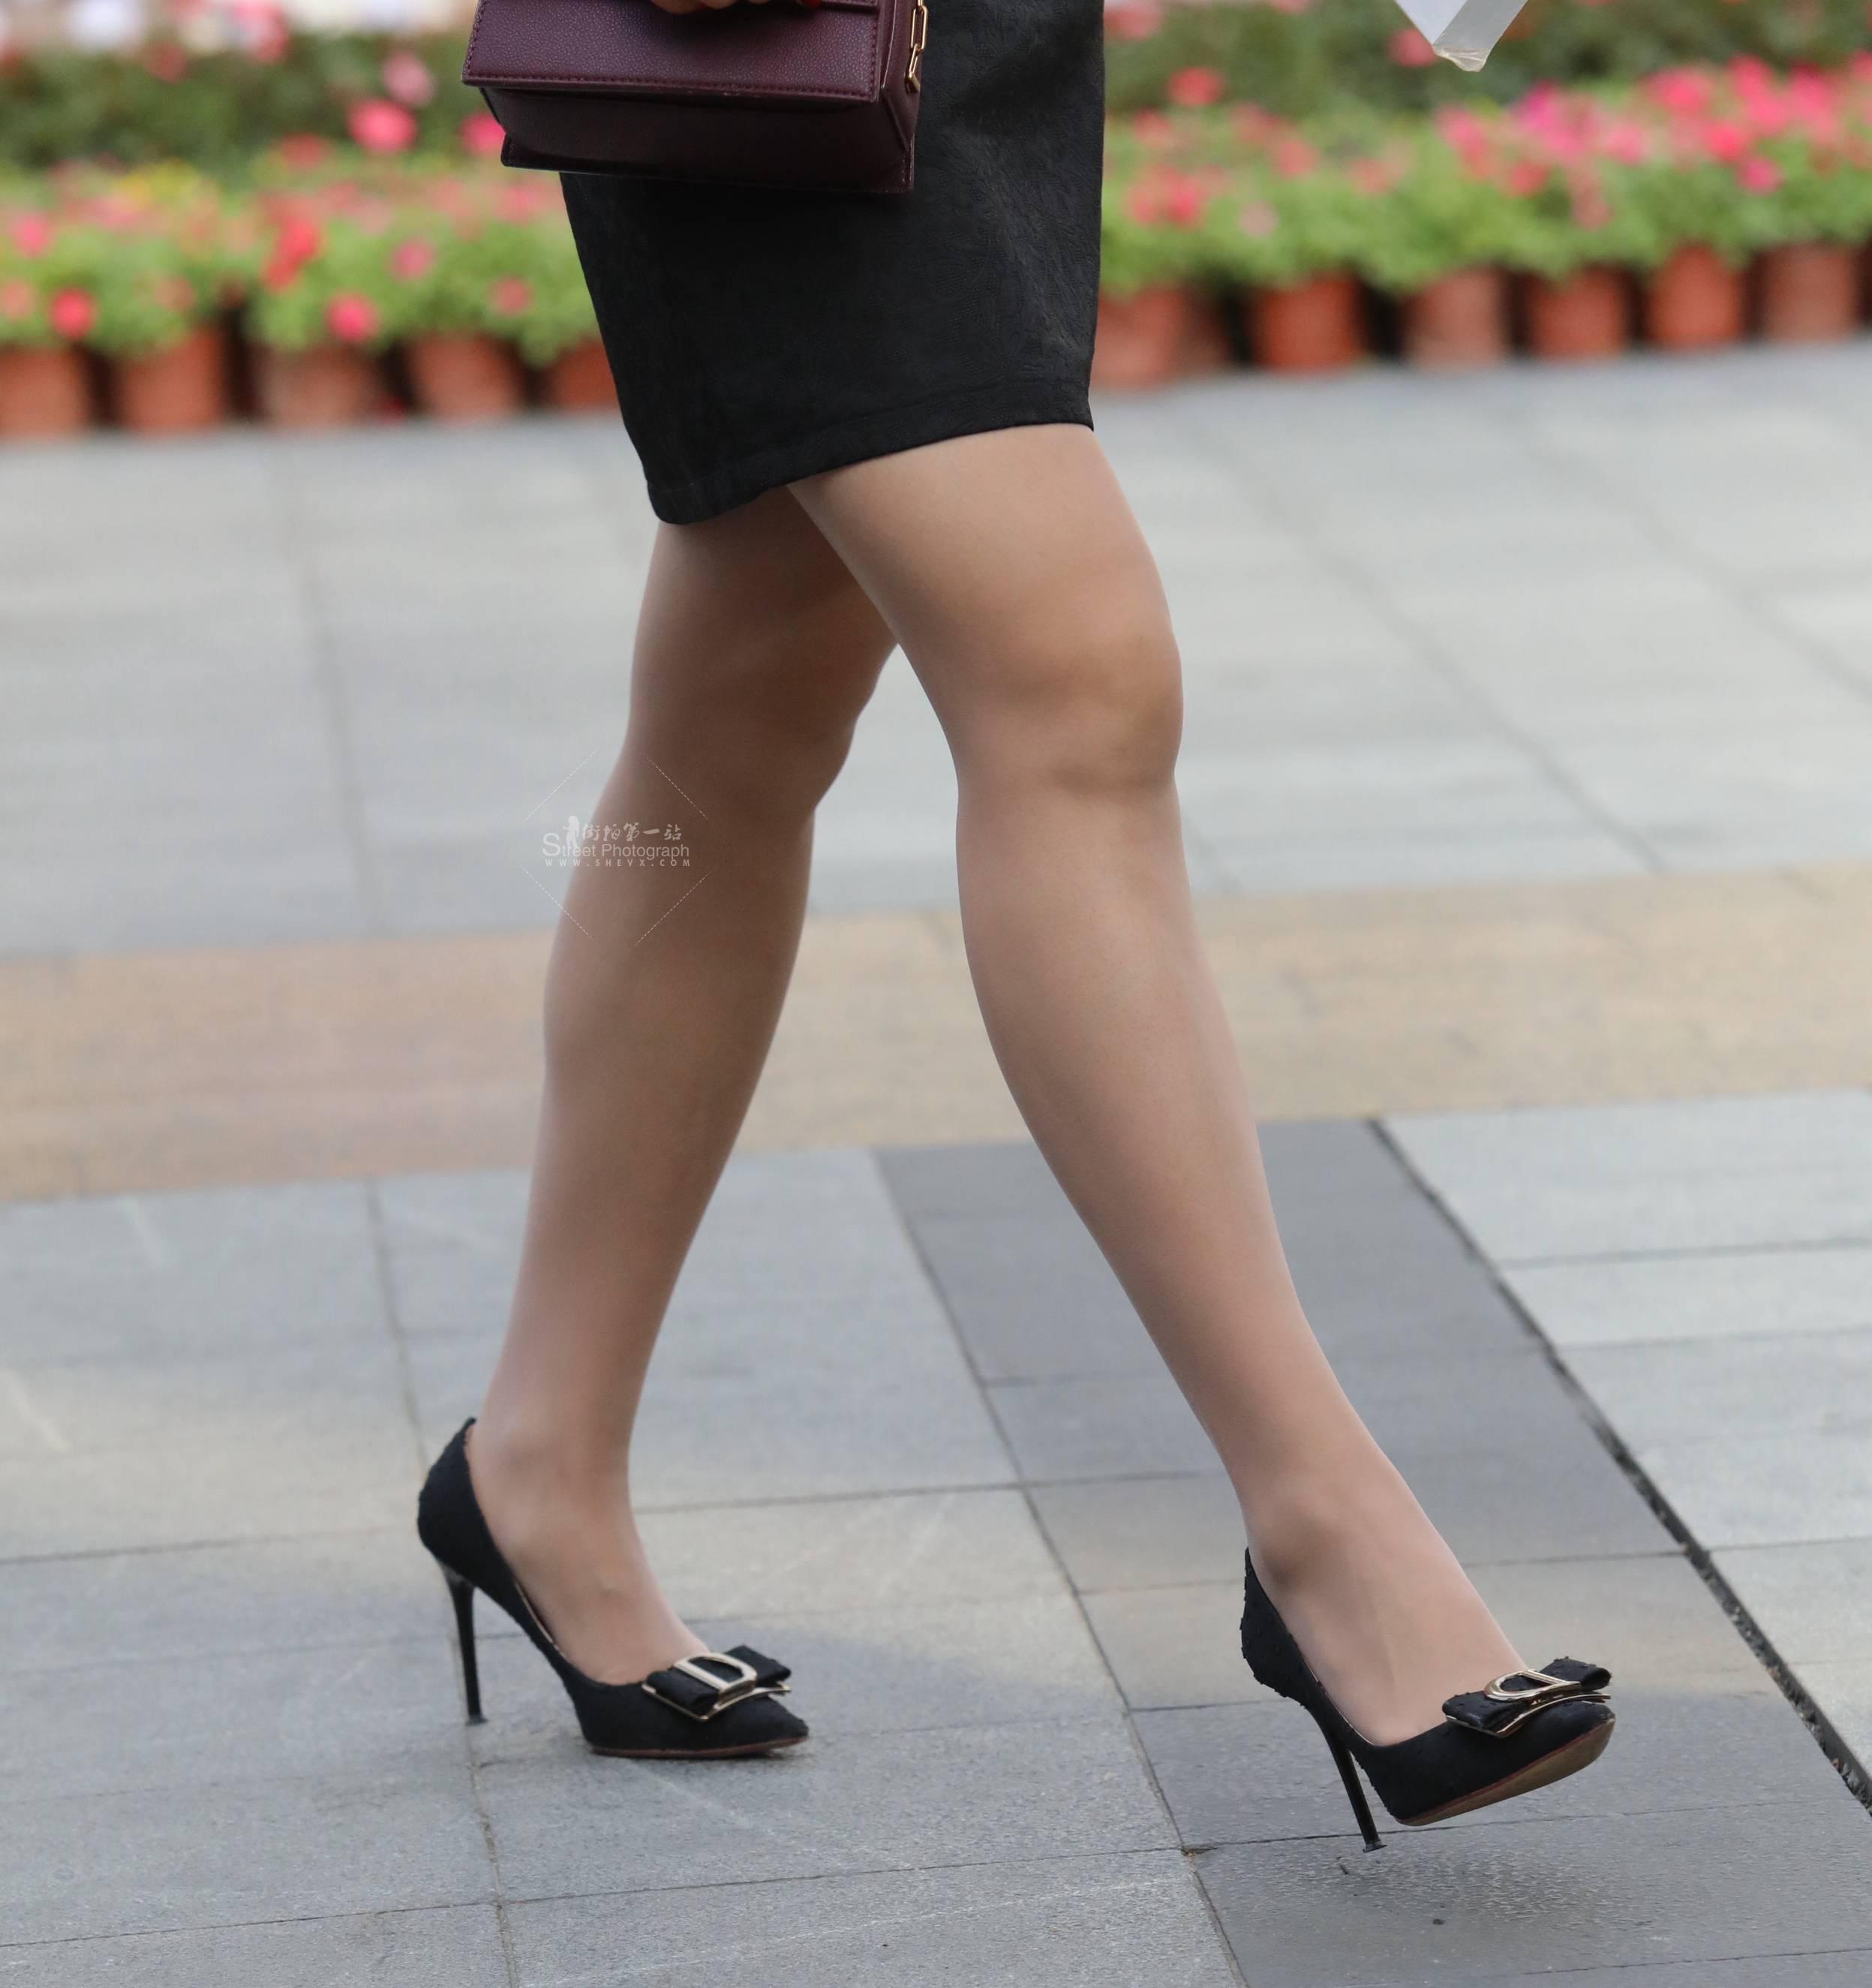 街拍高跟,街拍丝袜 【珏一笑而过】丝袜 高跟Shao Fu 最新街拍丝袜图片 街拍丝袜第一站